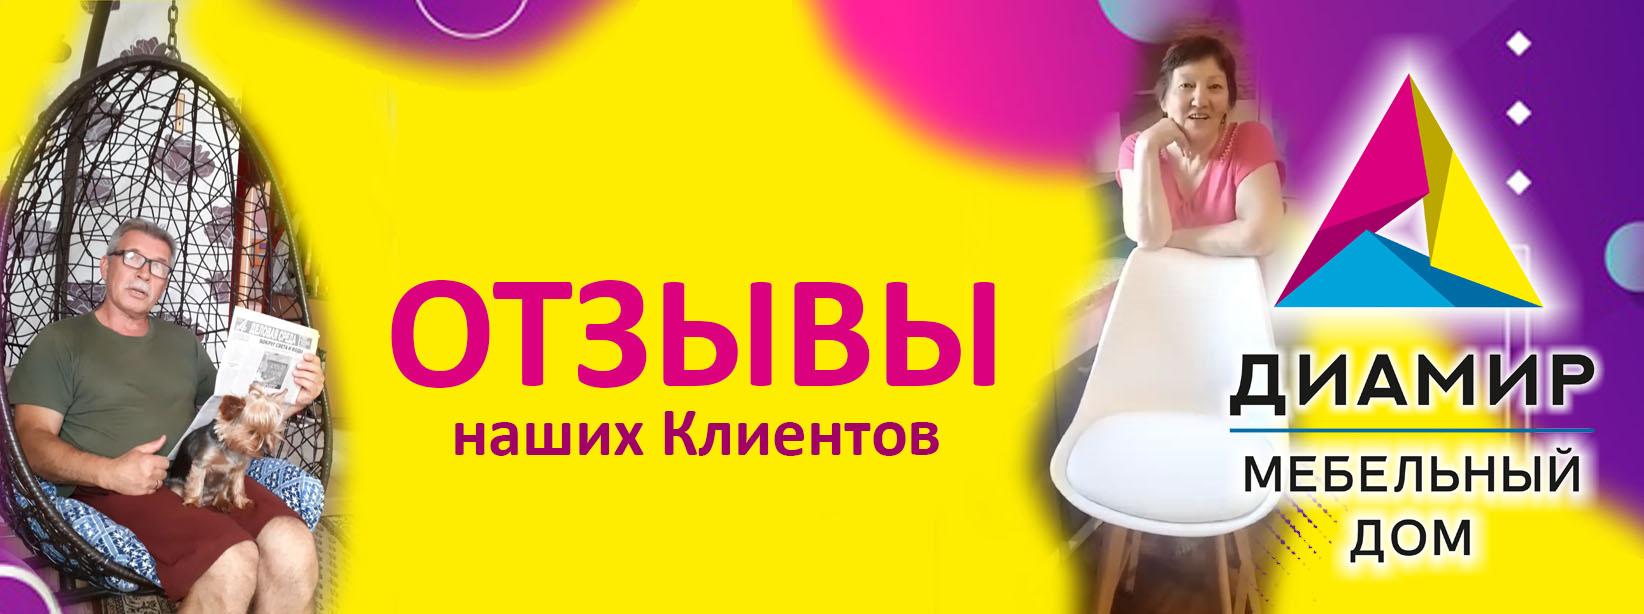 Мебель в Калининграде и области - отзывы покупателей